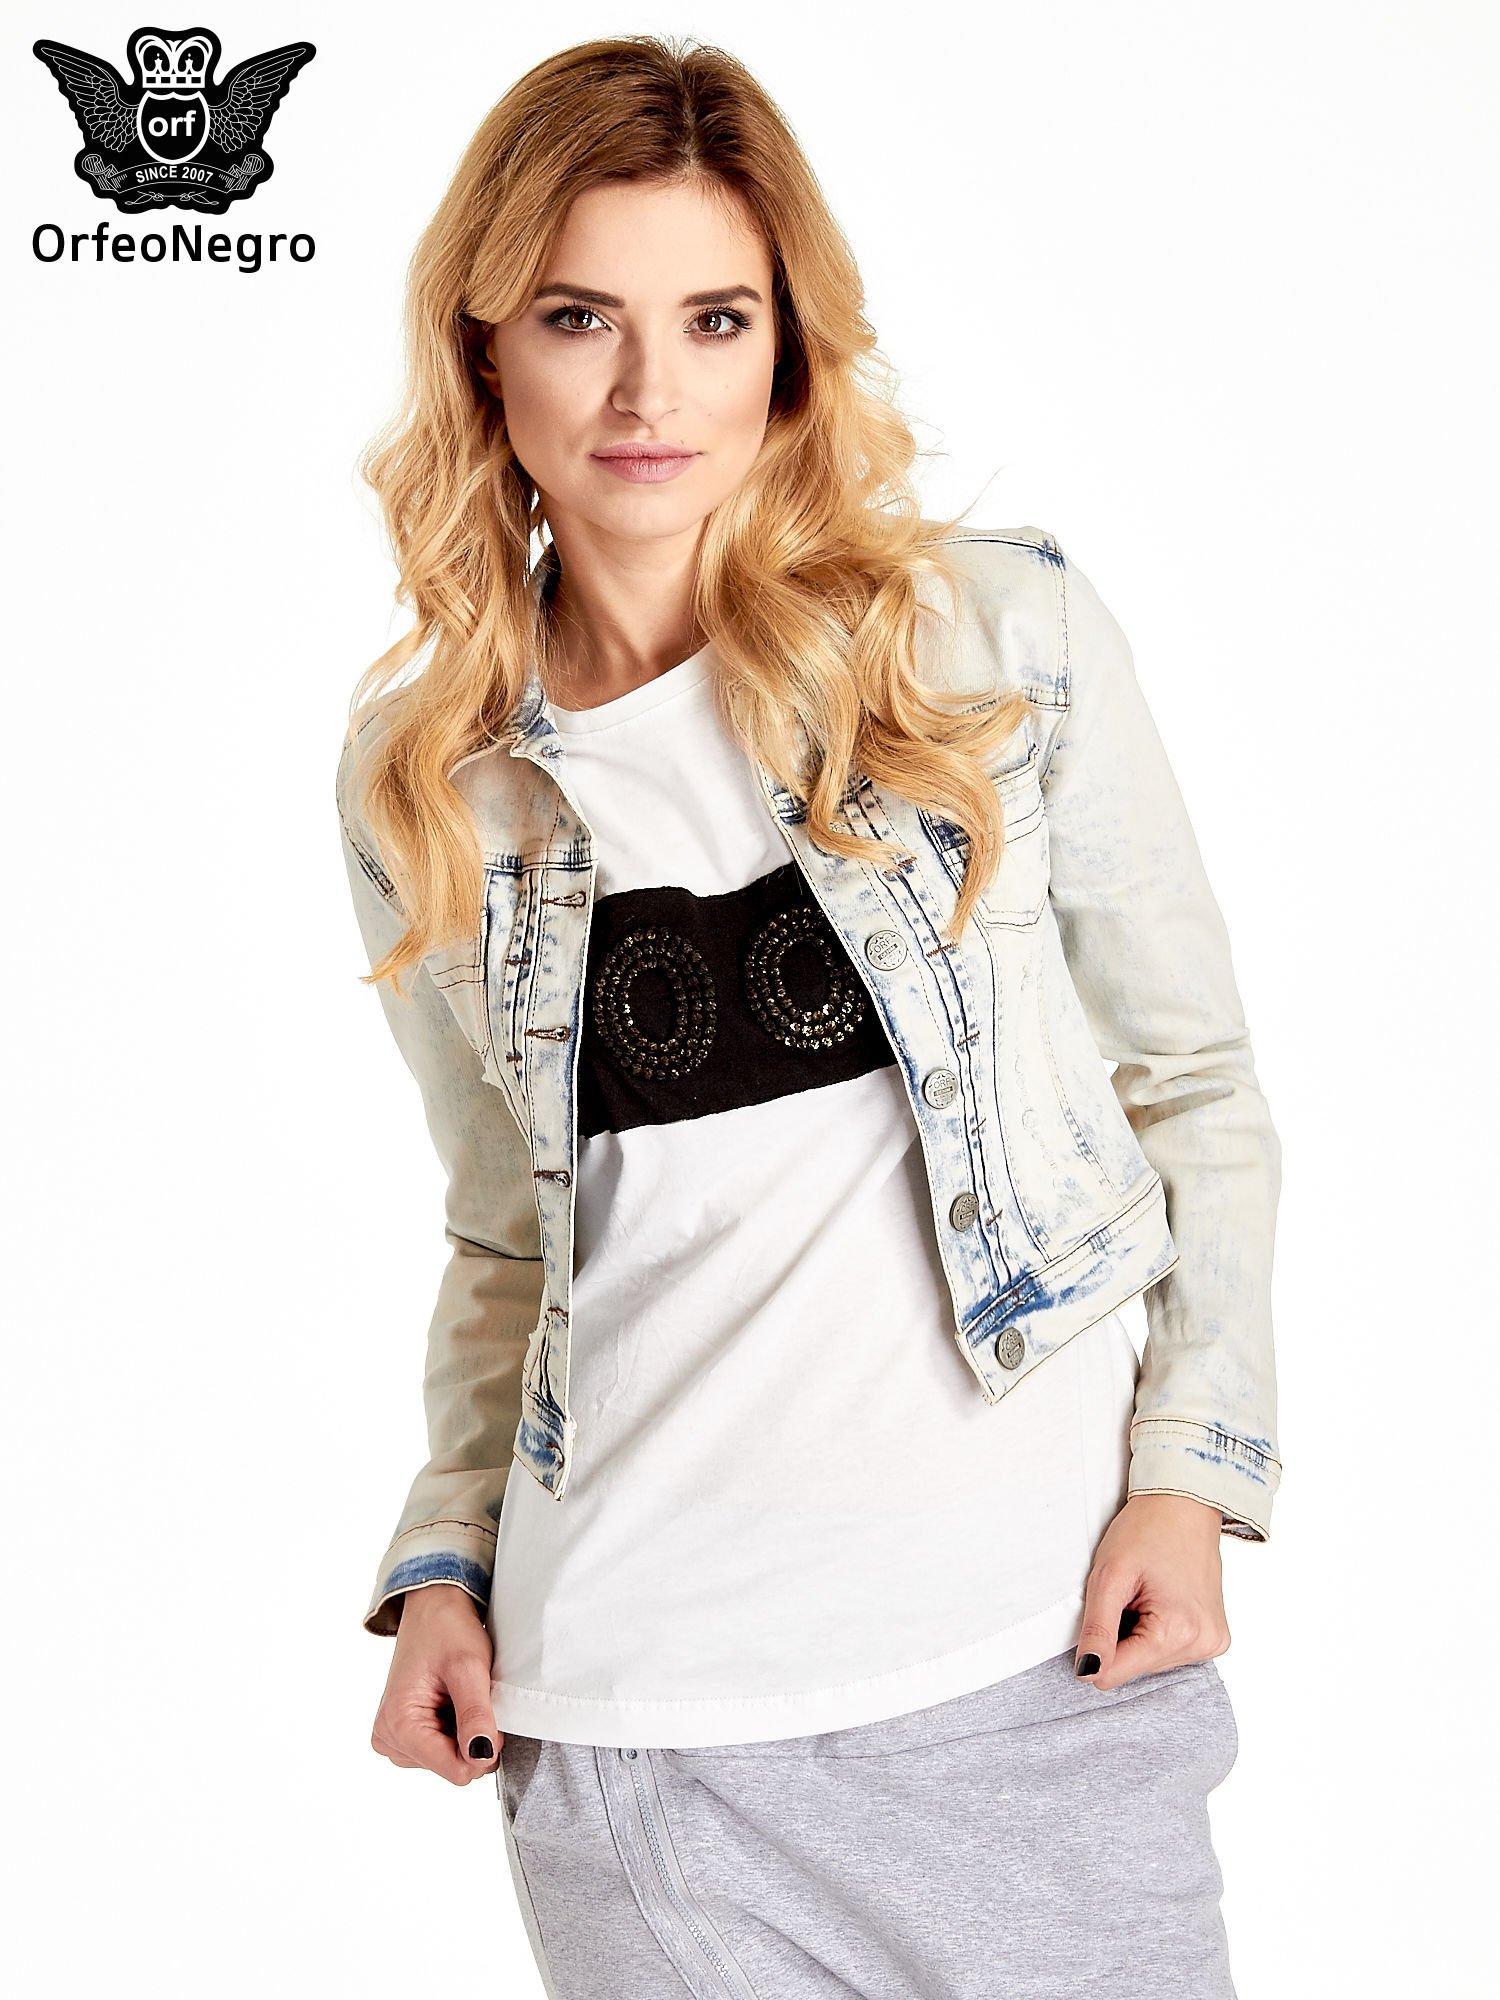 Jasnoniebieska kurtka jeansowa damska marmurkowa Jasnoniebieska kurtka jeansowa damska marmurkowa z kieszeniami                                  zdj.                                  1